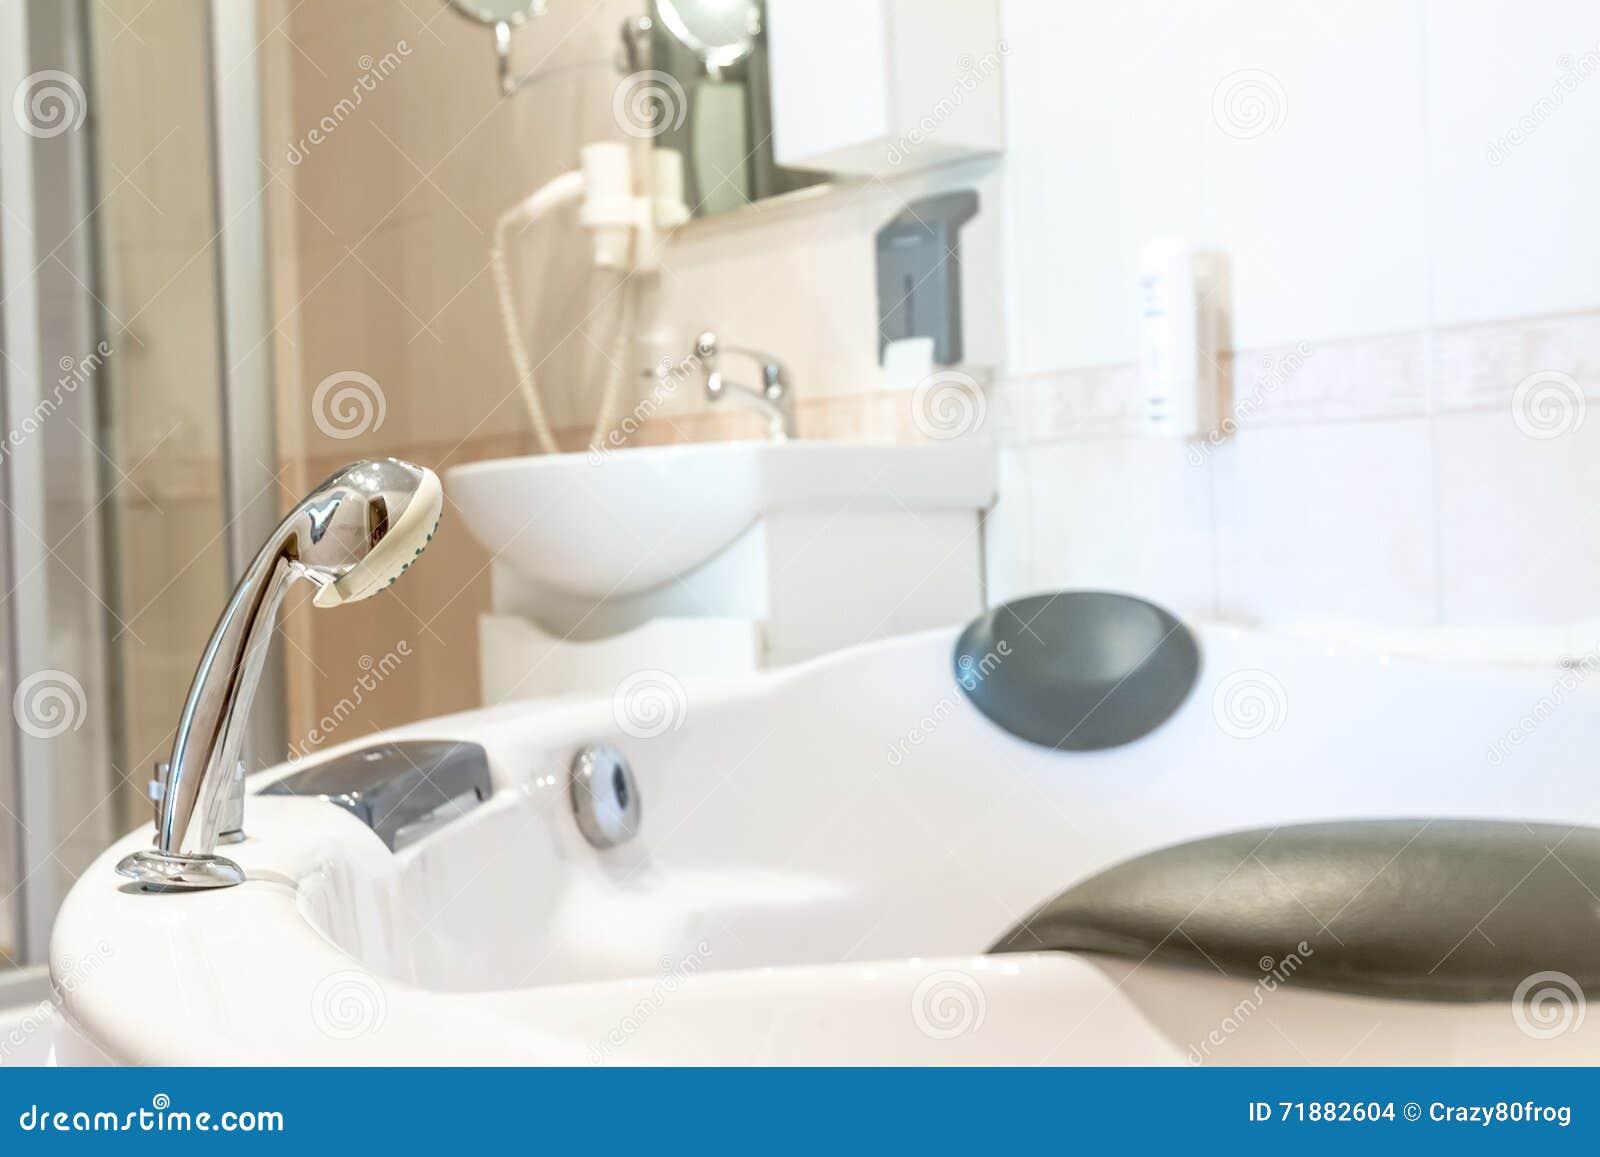 Bathtube De Jacuzzi Dans La Salle De Bains, La Maison Ou L ...